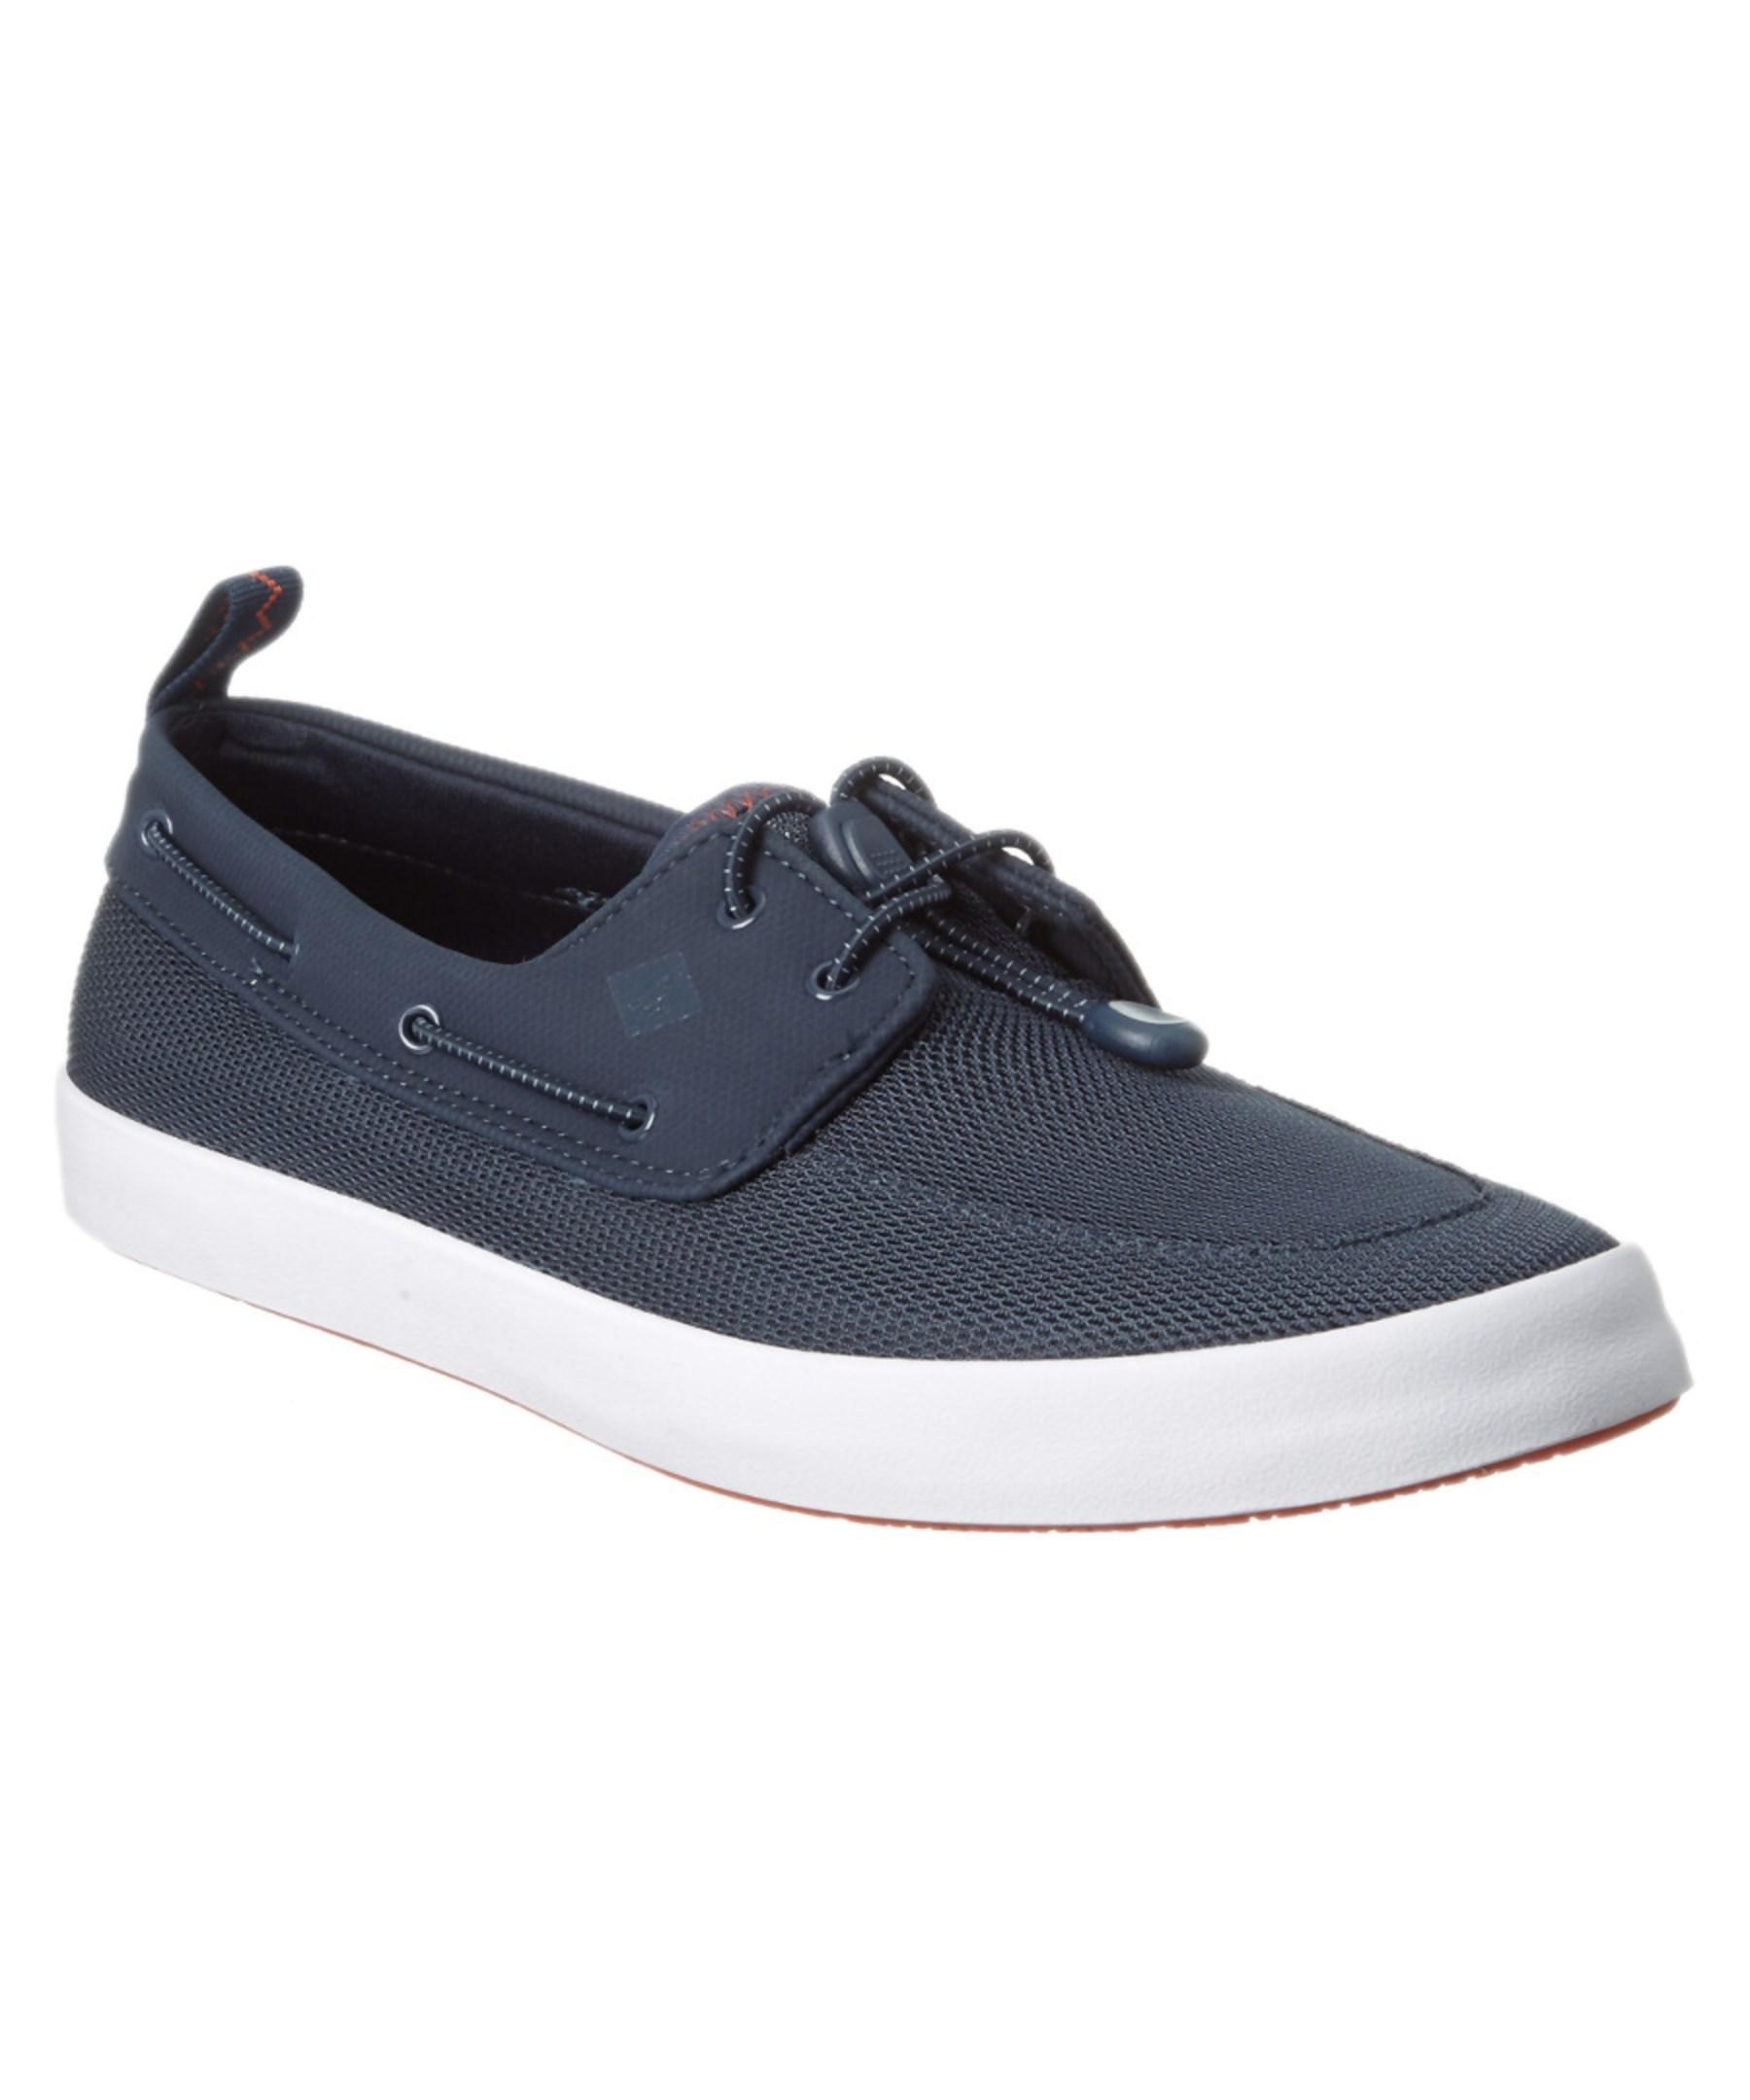 Sperry Men S Deck Shoes